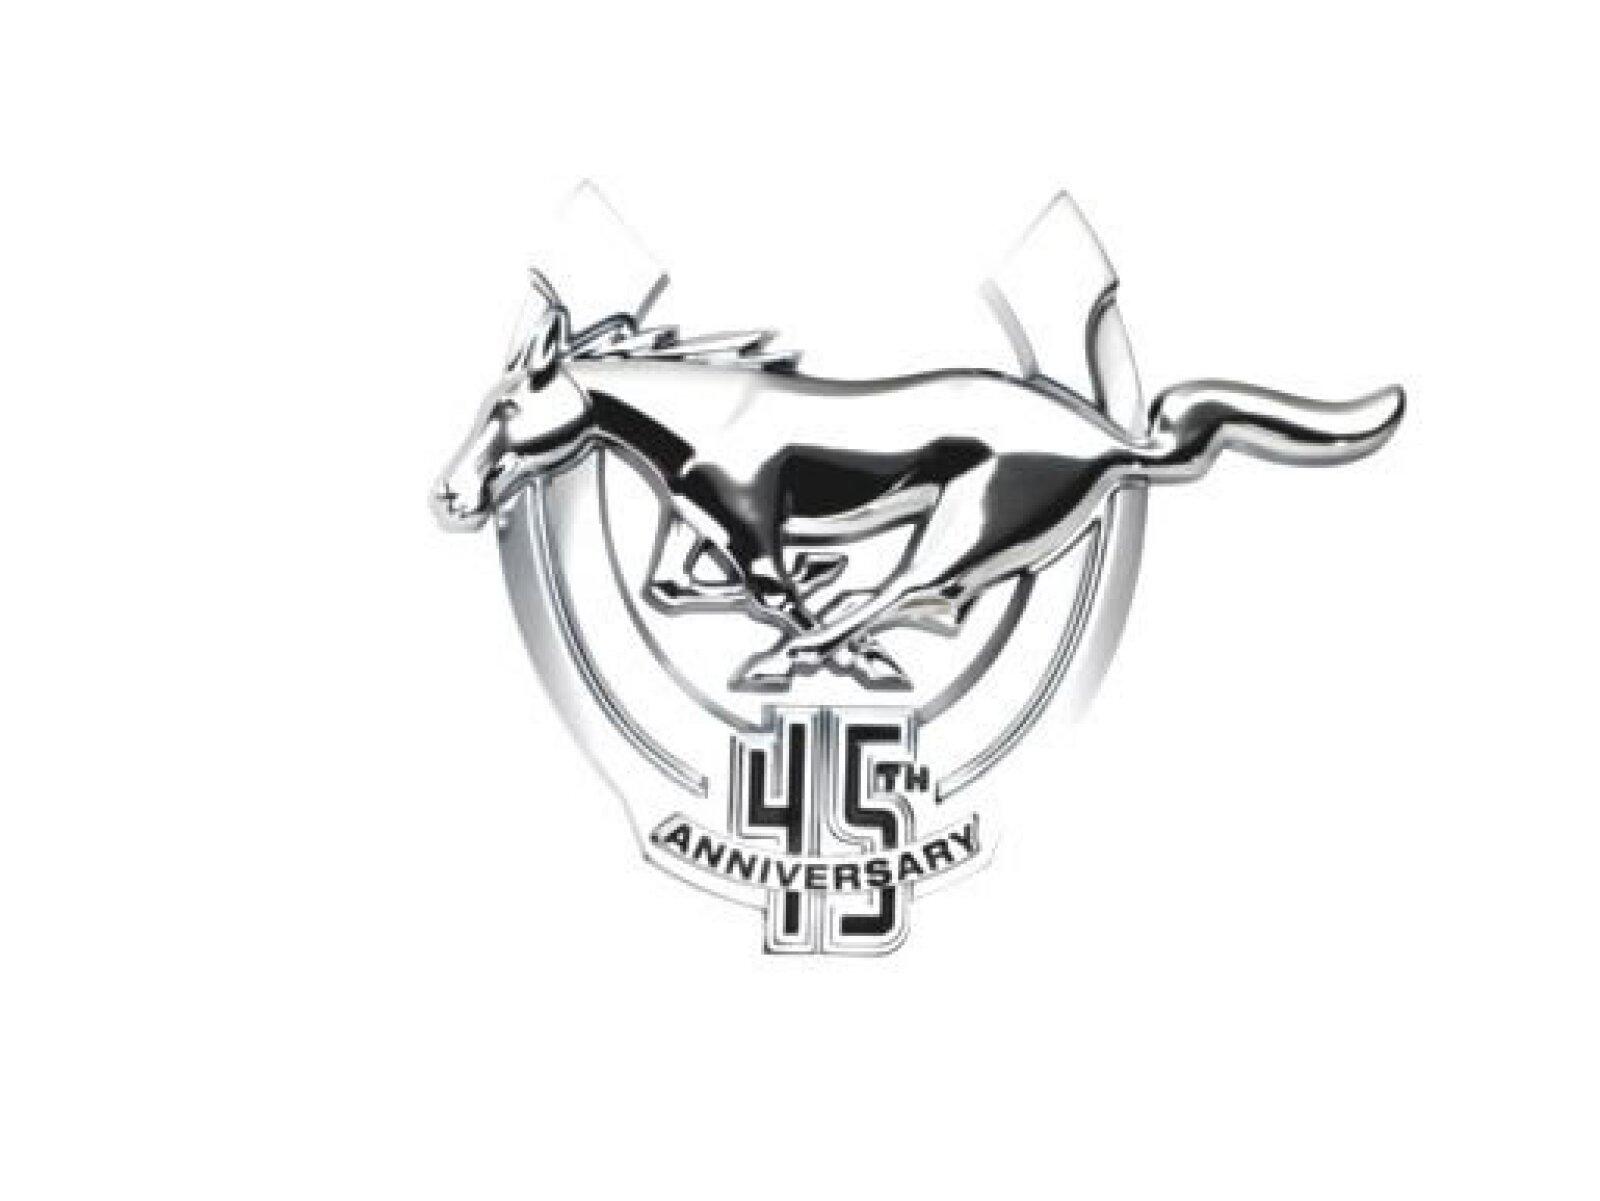 A partir del 17 de abril Mustang estará celebrando 45 años de estar posicionado como uno de los autos más queridos de norteamérica.